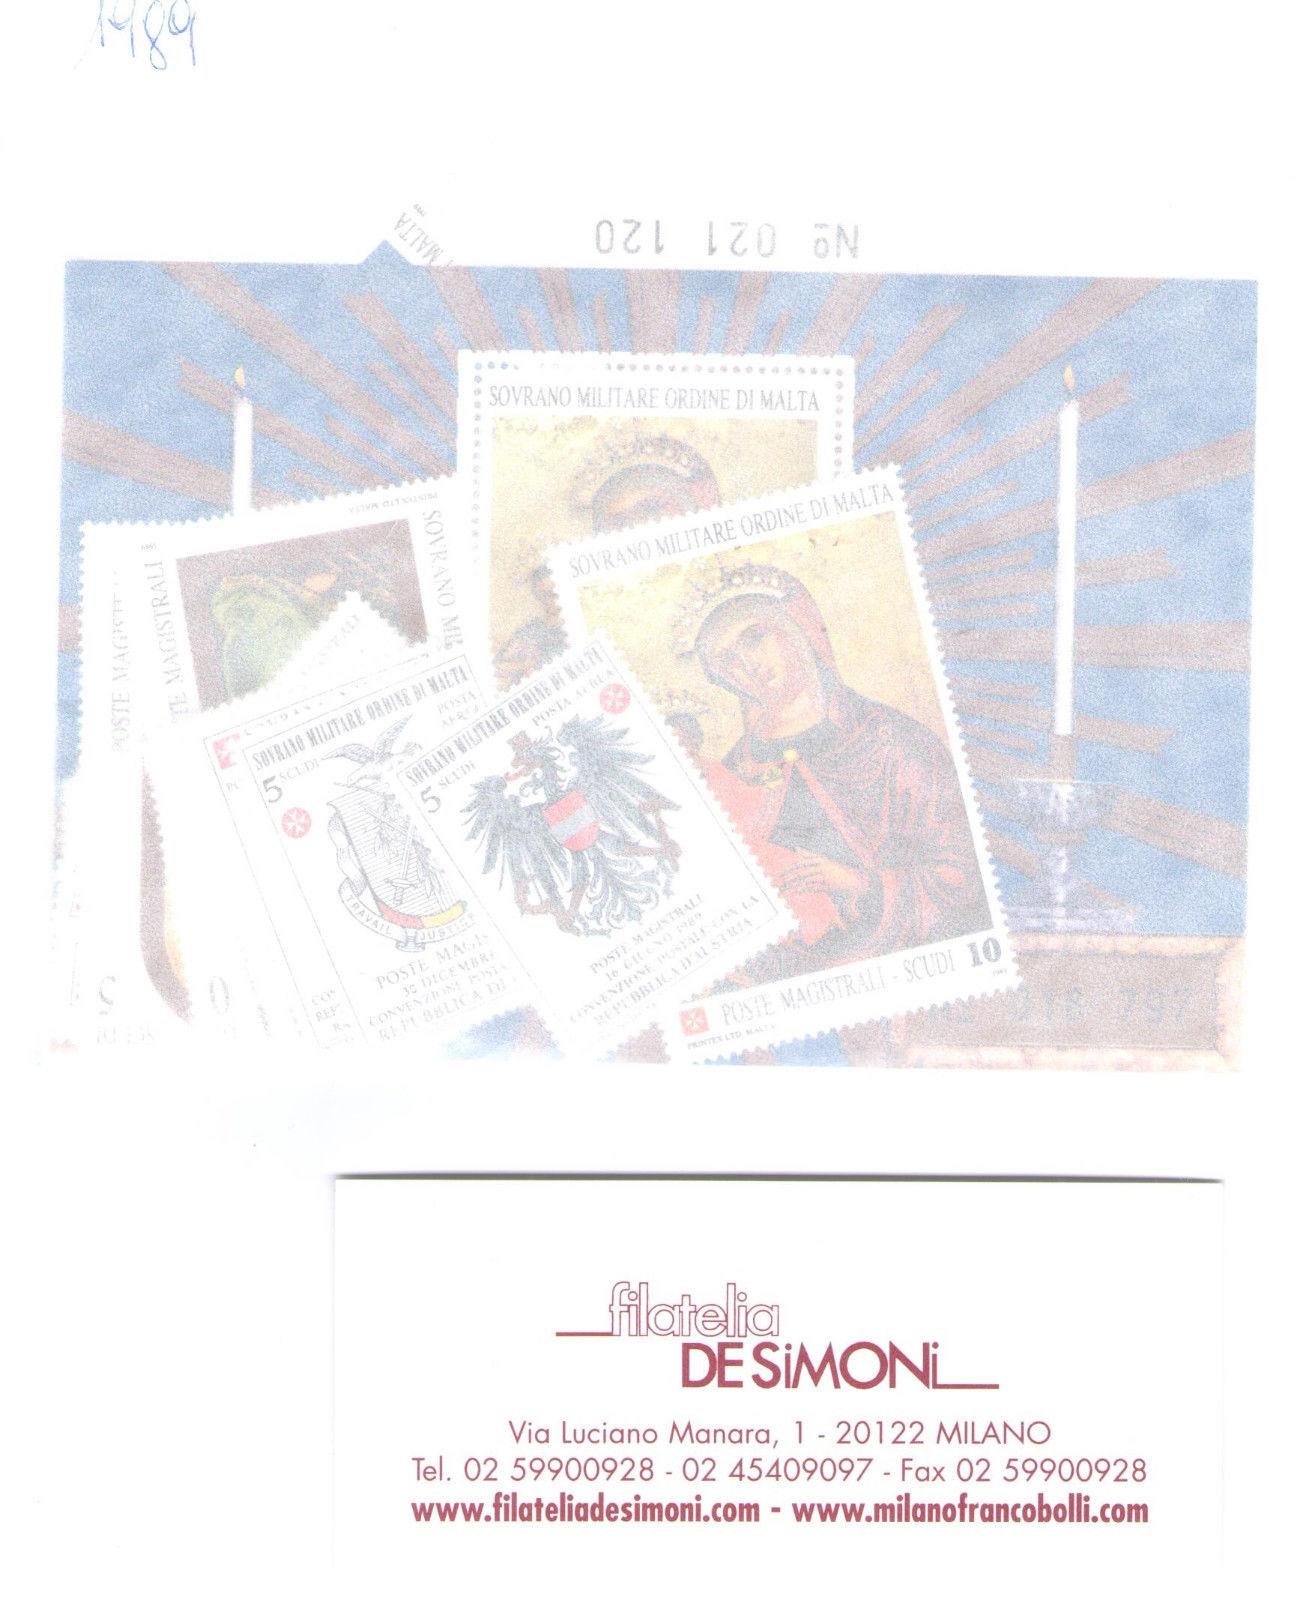 1989 Smom Annata completa 31 valori + 2 Foglietti MNH**